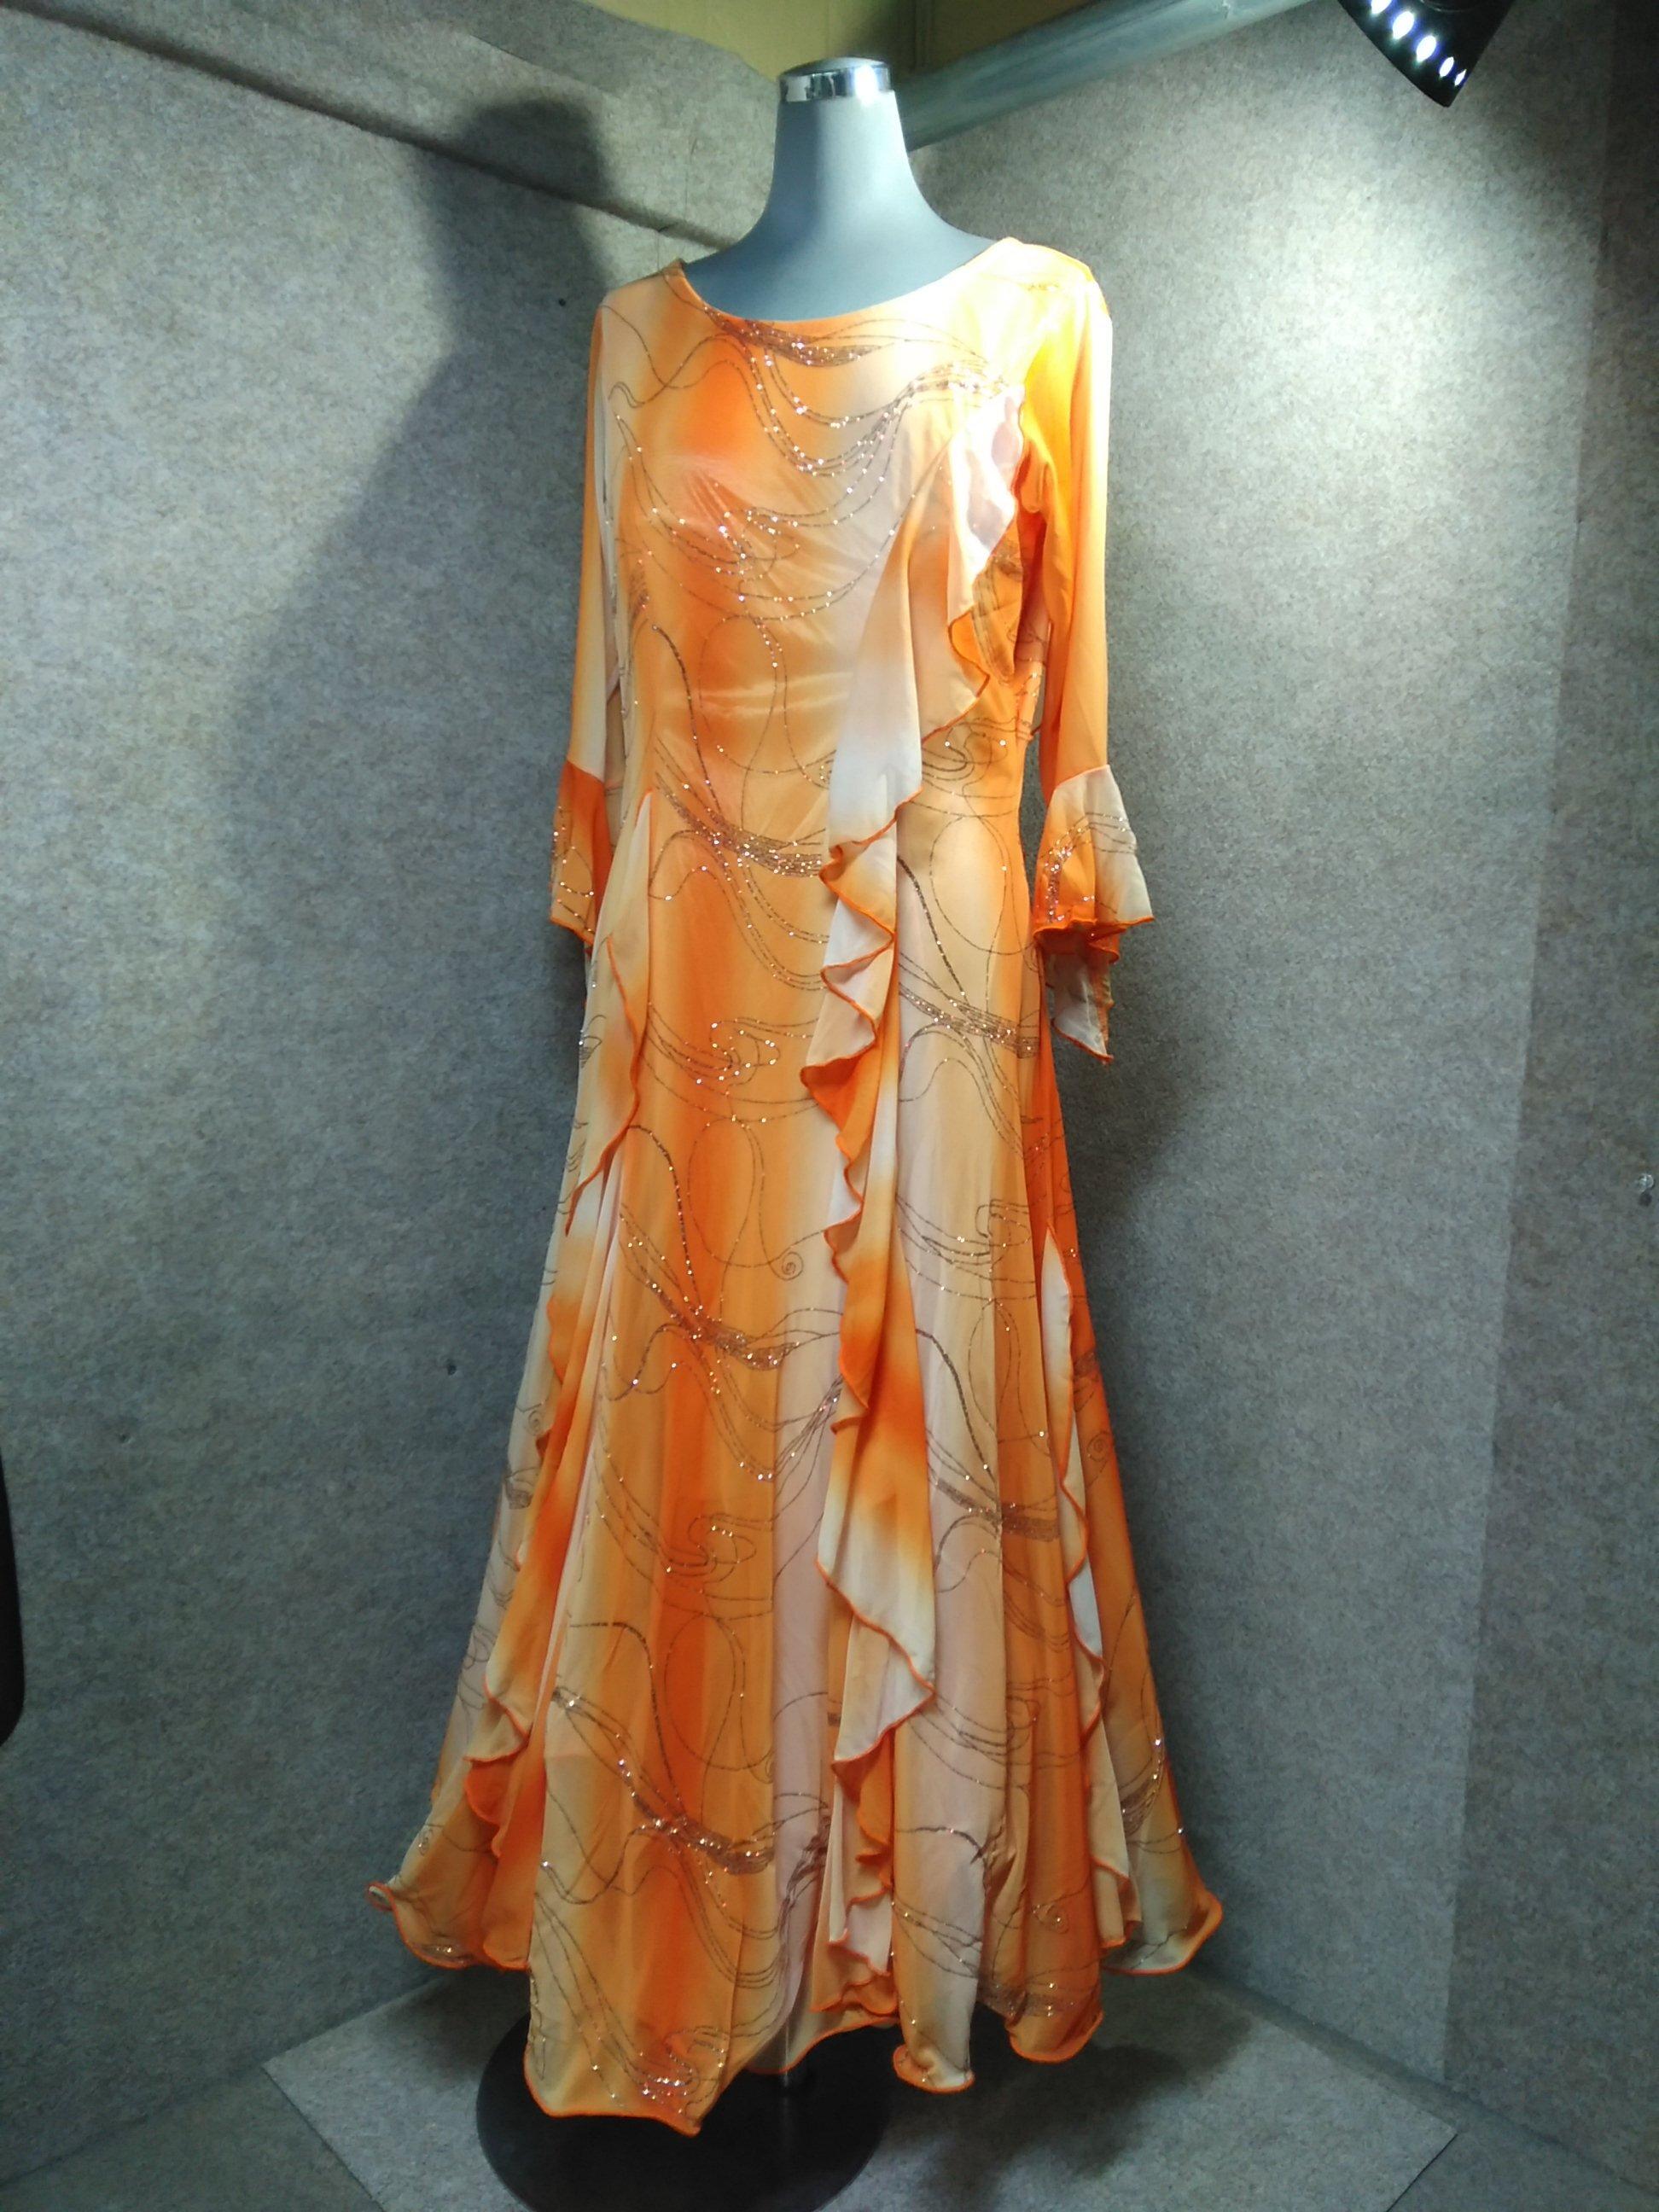 ドレス ダンス オレンジ ラメ入り mh336s